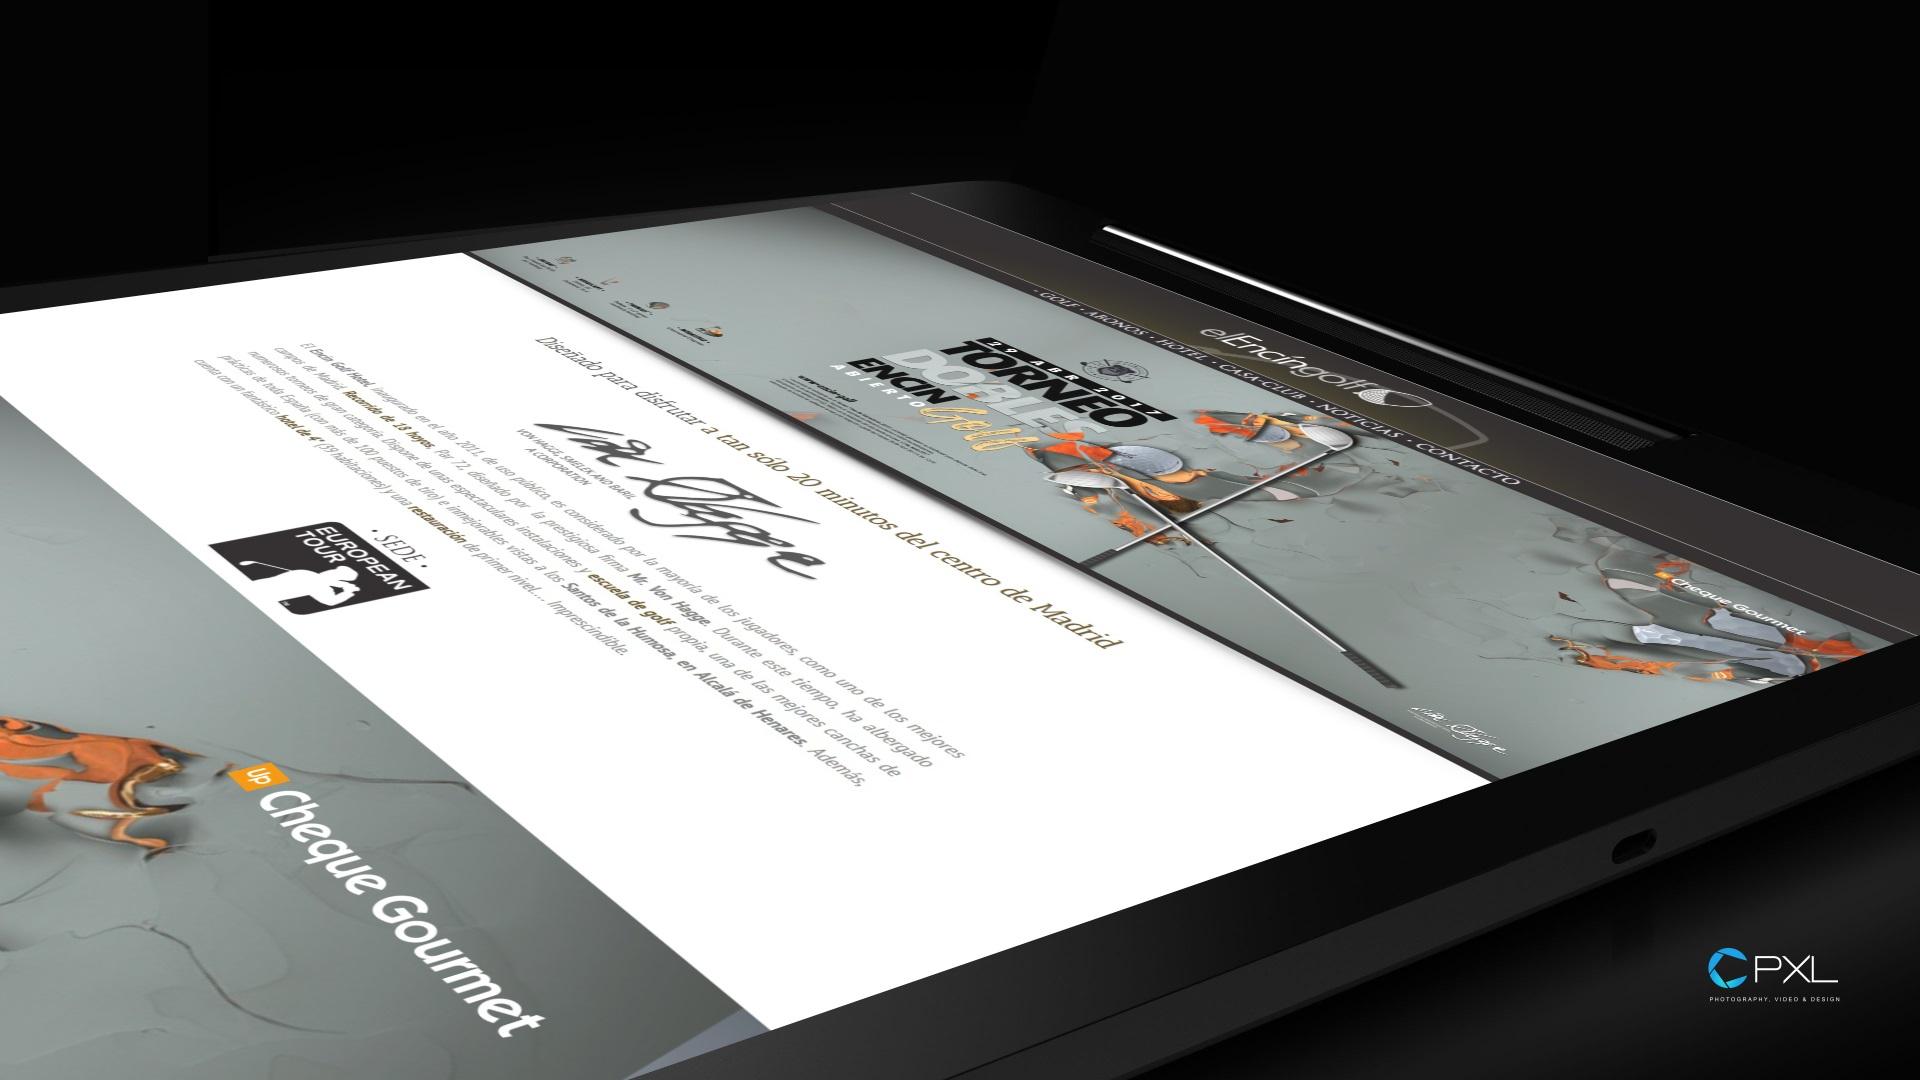 Diseño cartelería para torneo de golf - Encín Golf Hotel (Cheques Gourmet)